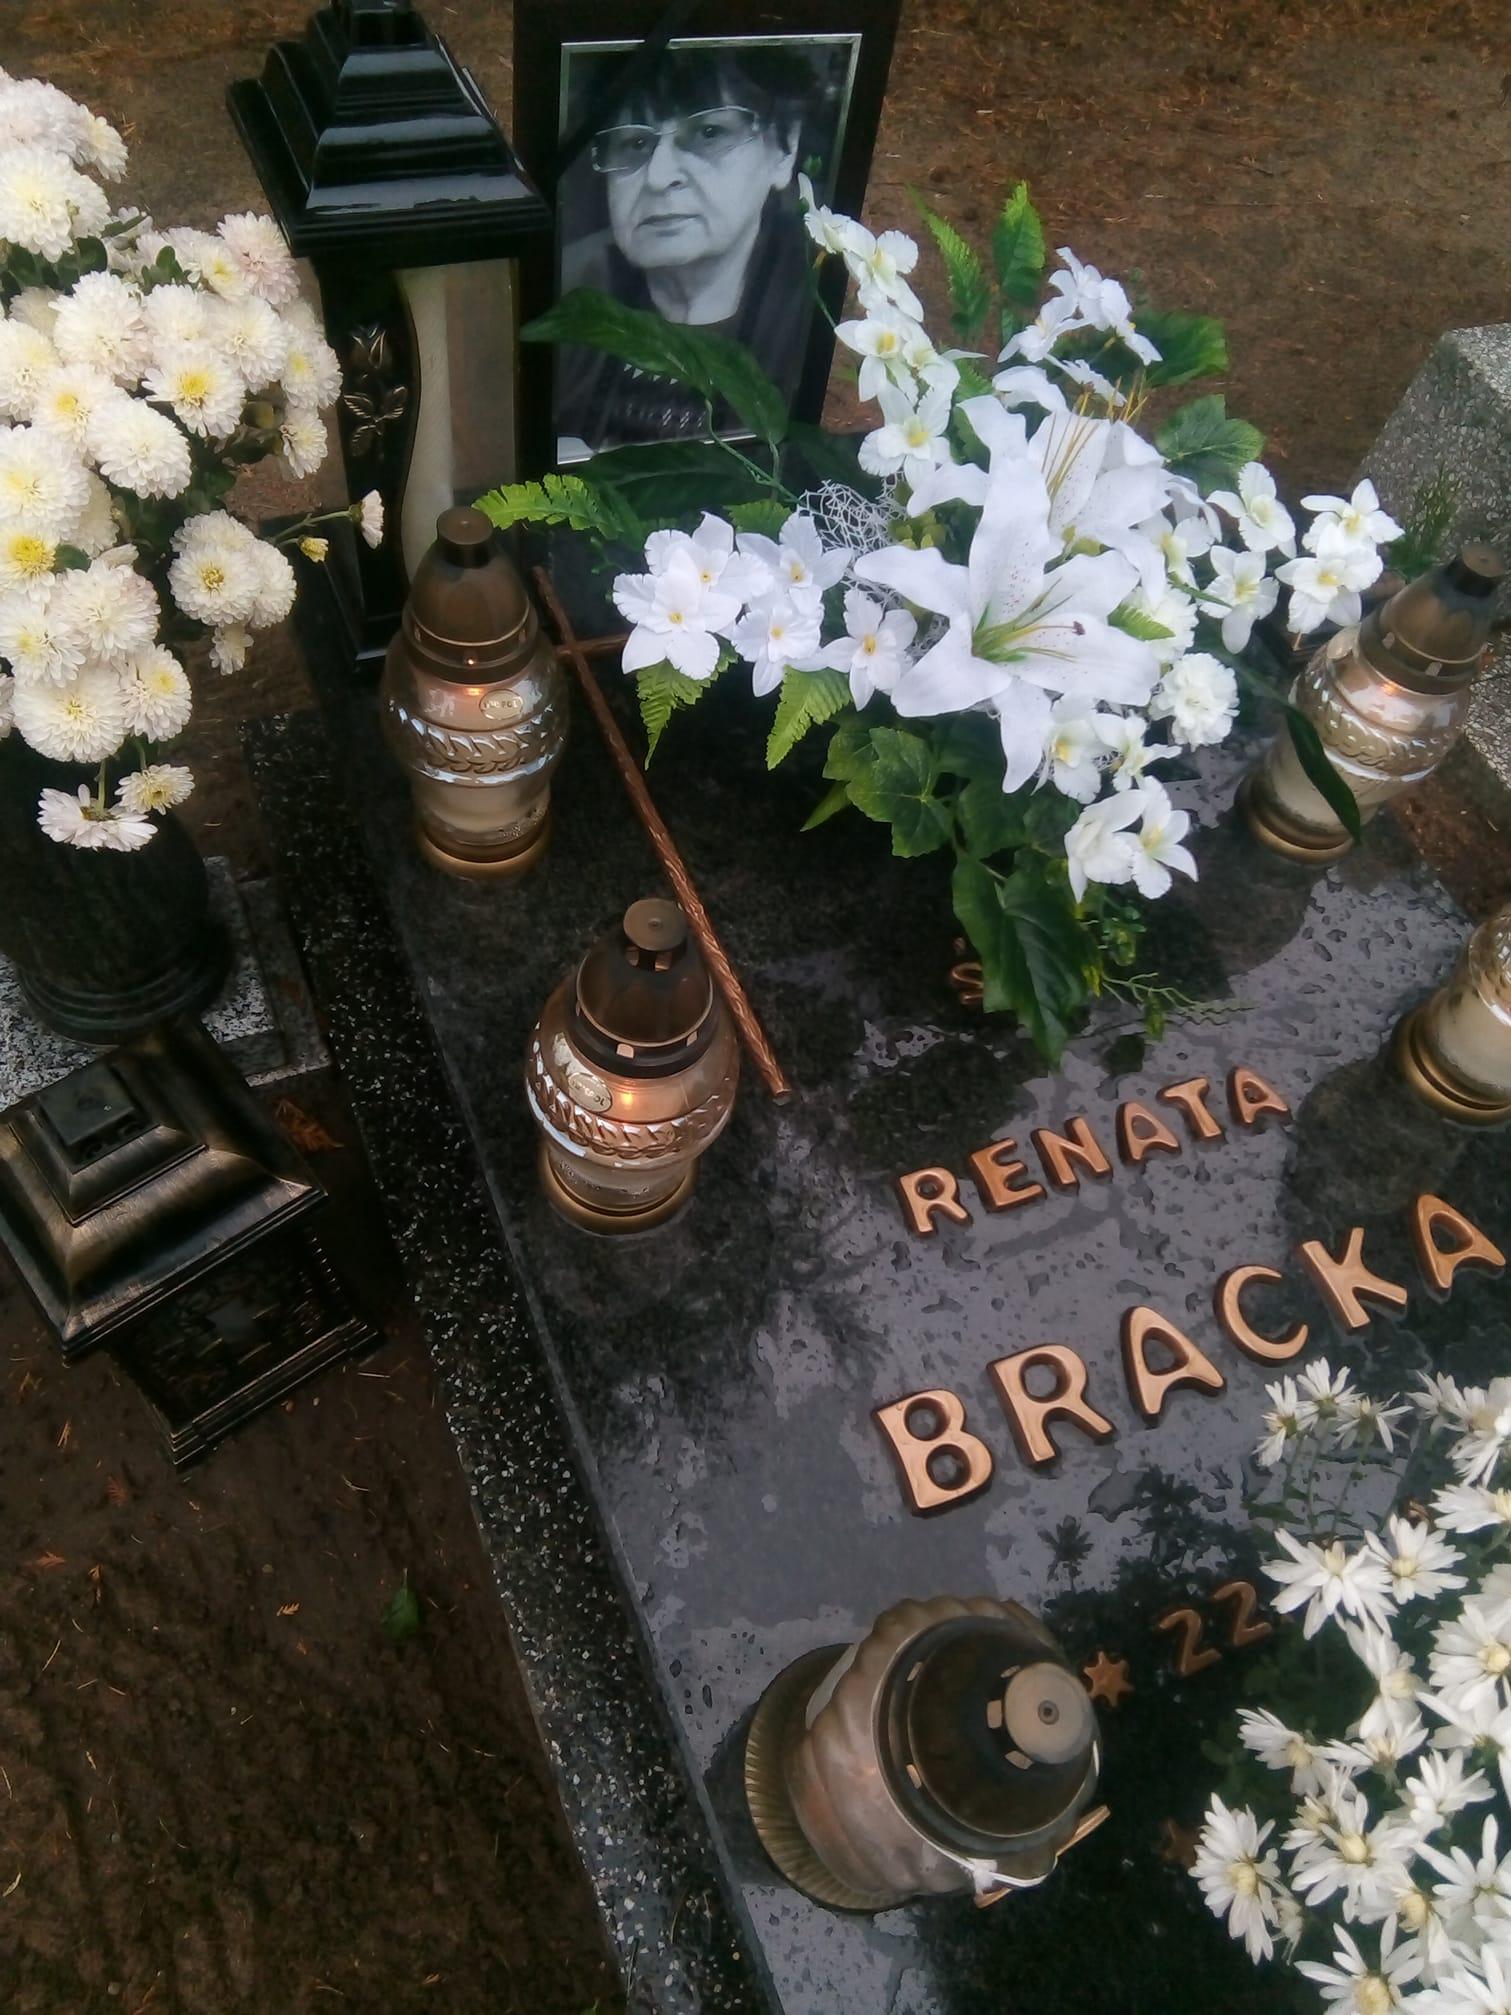 Miejsce spoczynku ipomnik mojejukochanej mamusi śp Renaty Bracka imatki chrzestnej śp Reginy Bracka stanął dziś nacmentarzu komunalnym wWięcborku. foto syn Tomasz Roman Bracka